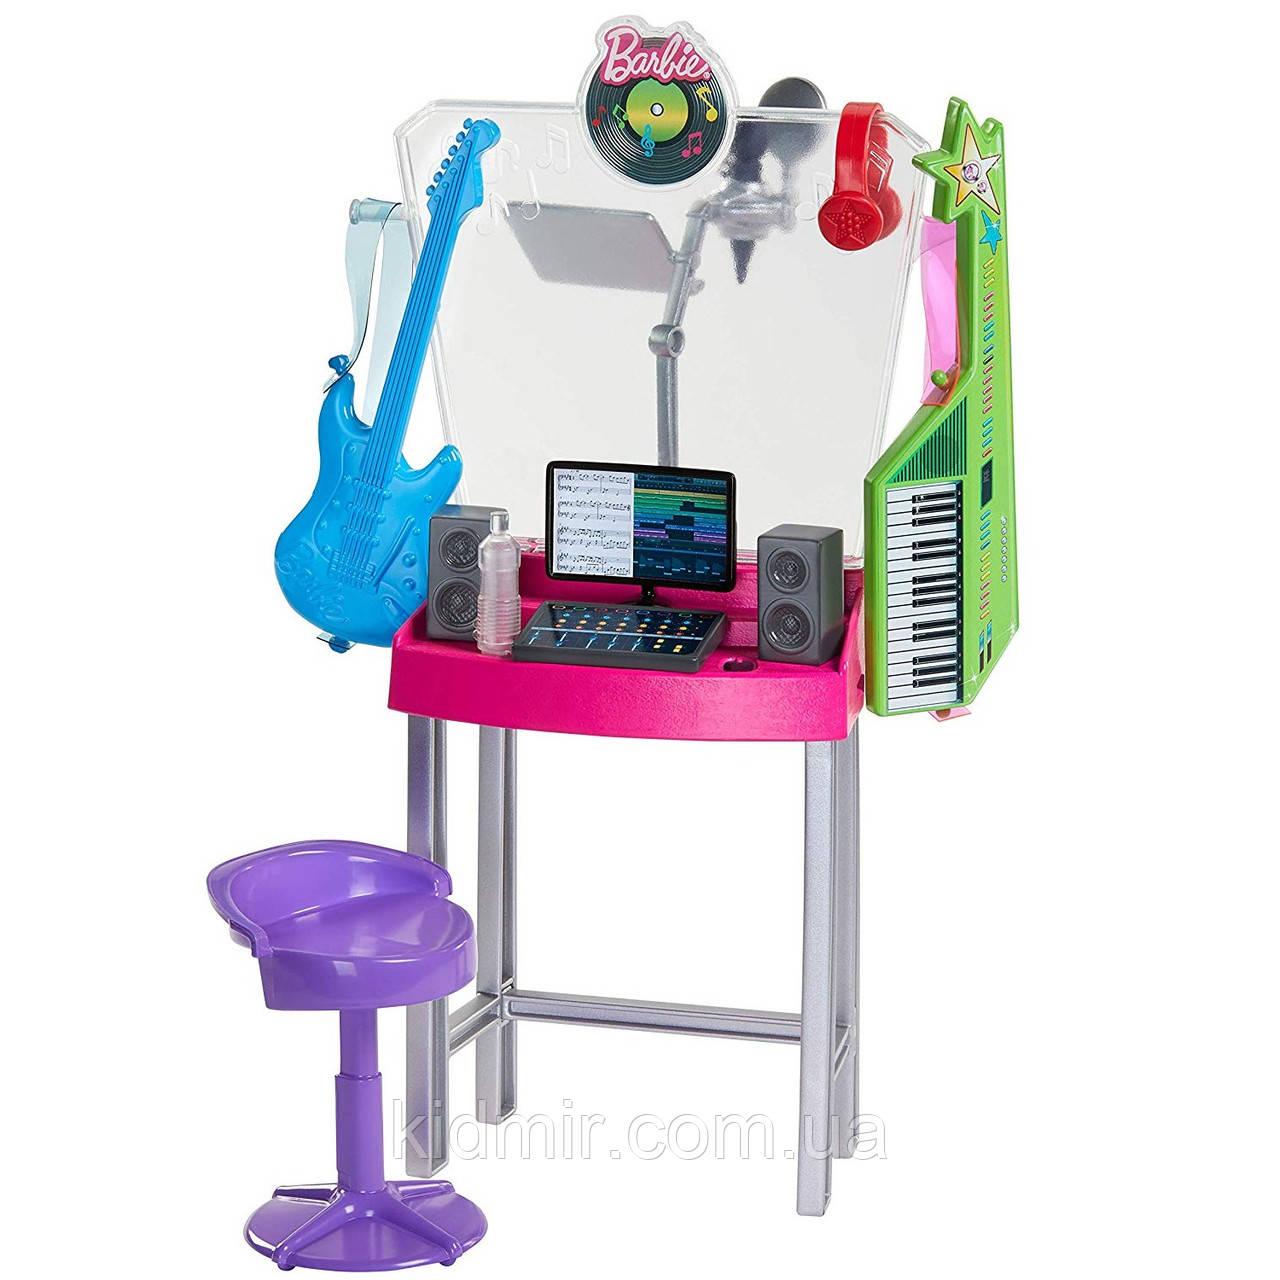 Мебель Барби Студия звукозаписи Карьера Barbie Musician Recording Studio GJL67